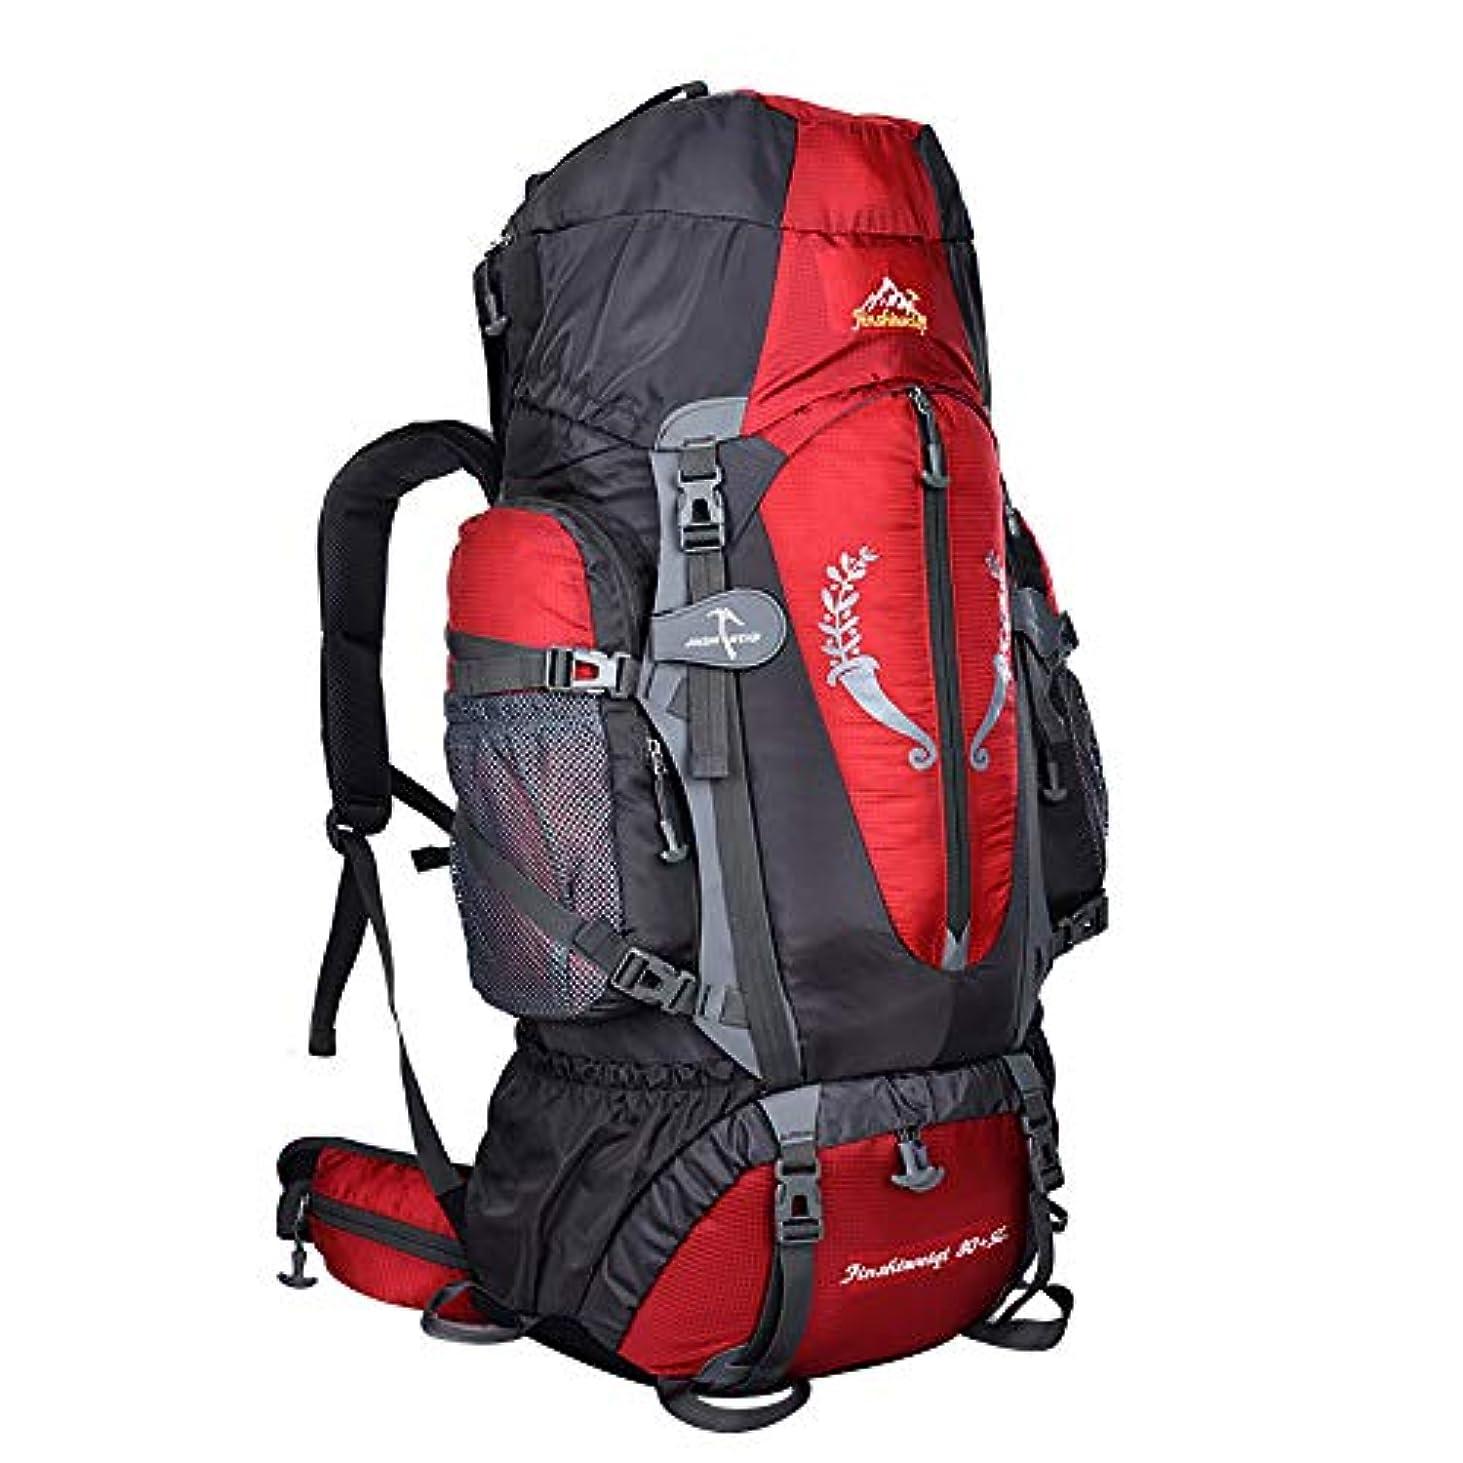 ポータブル俳句適度な85L 登山リュックマウンテンデイパック YOKINO 大型旅行バッグ 拡張可能 超大容量 広口開口仕様 防水耐震 タクティカル アルパインパック リュックサック キャンプ トレッキング 旅行 アウトドア